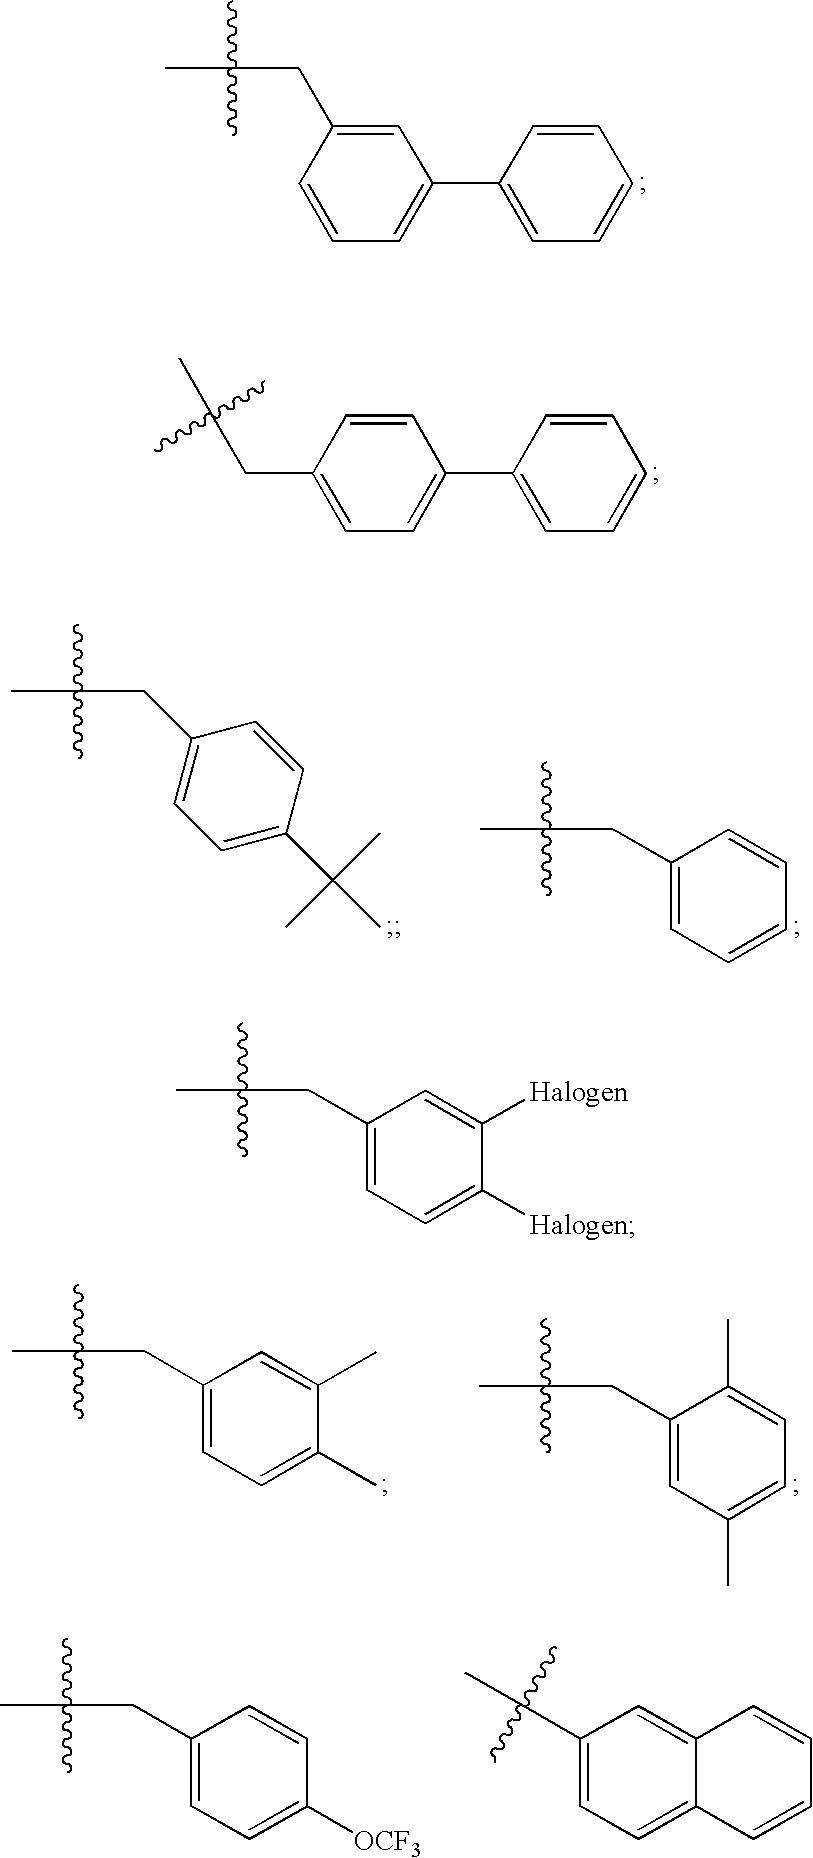 Figure US07683046-20100323-C00018